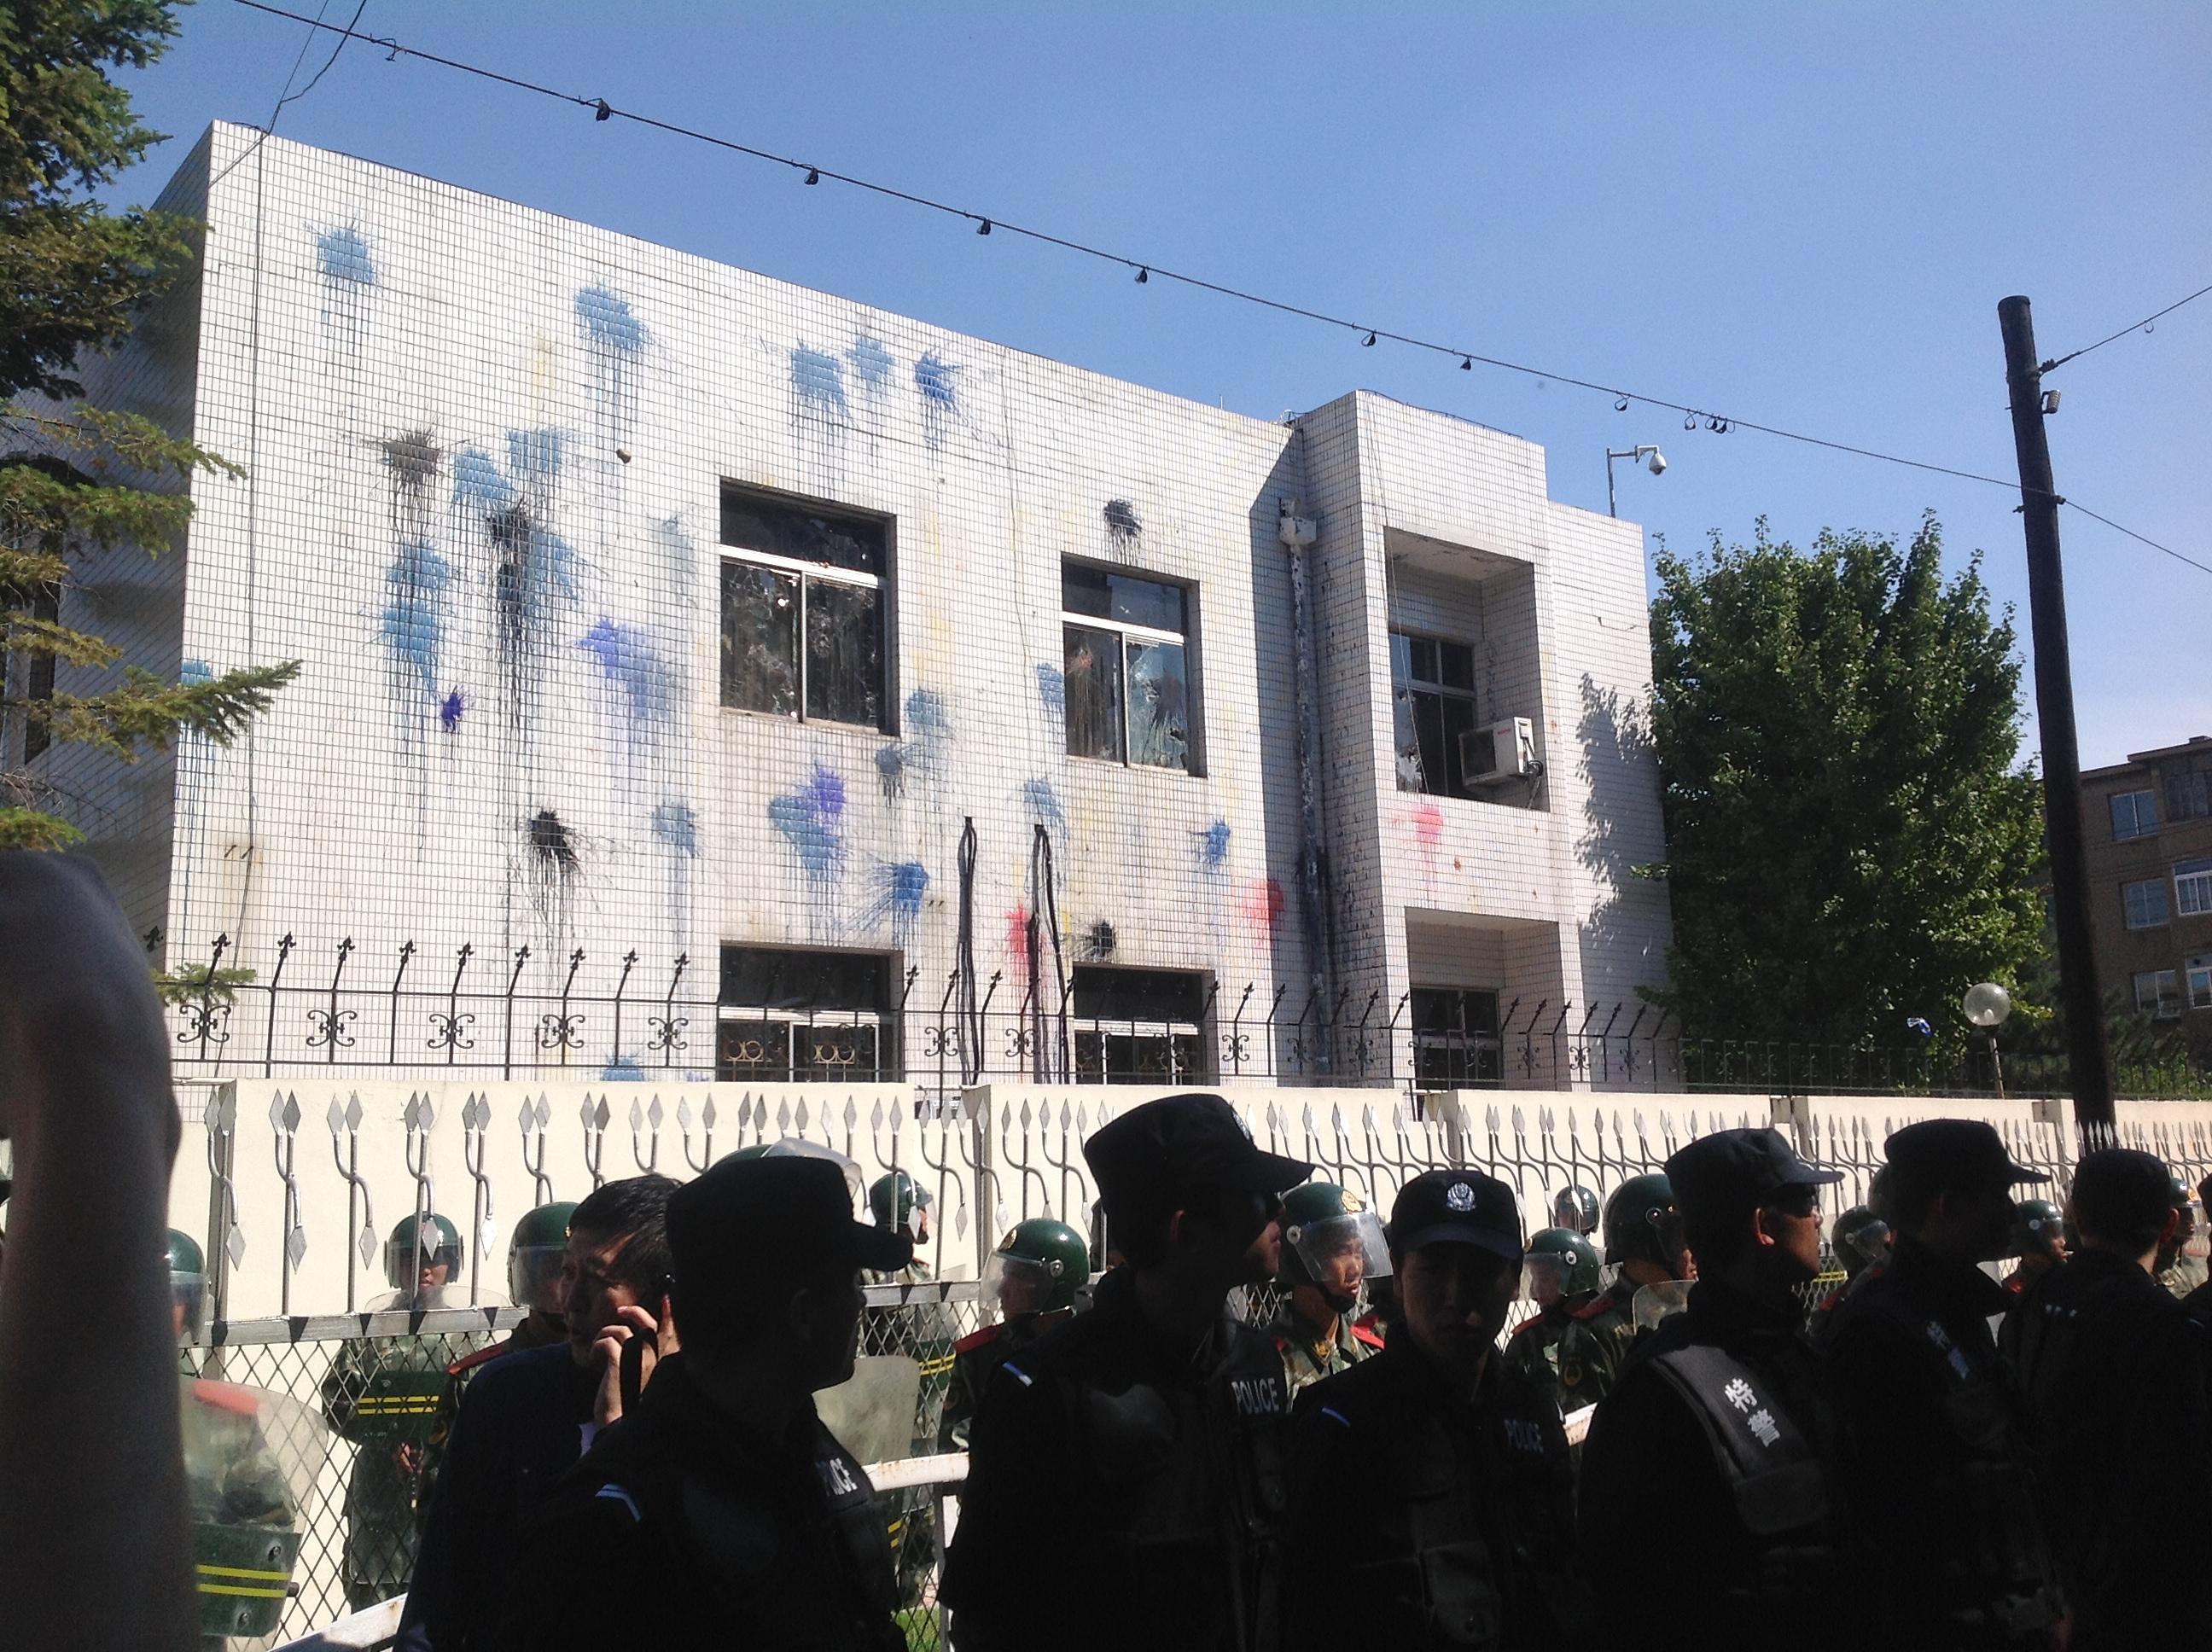 遇襲的日本領館,玻璃被砸碎,牆上布滿墨水痕跡